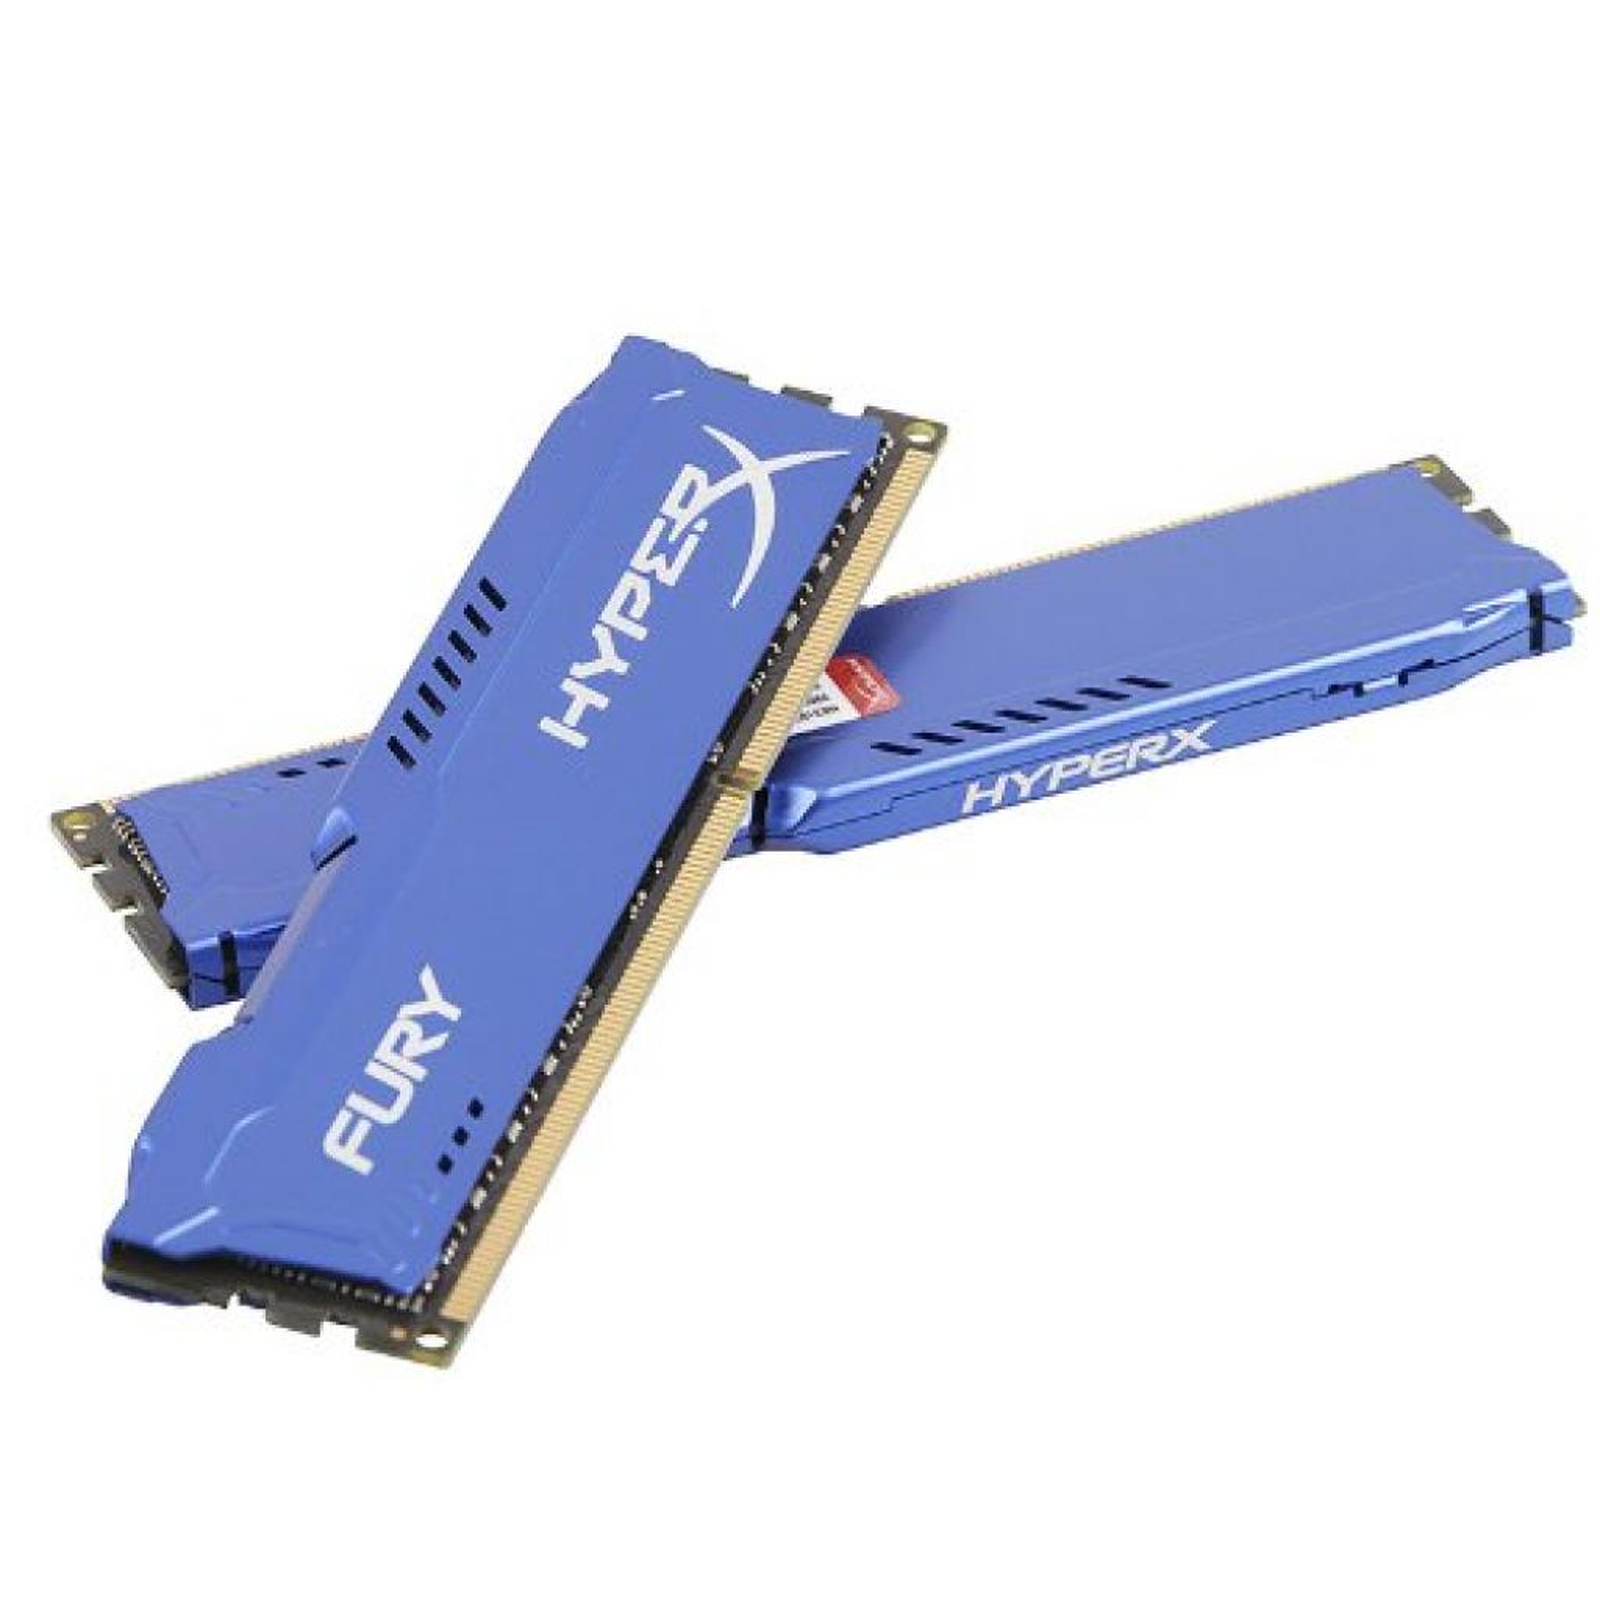 Модуль памяти для компьютера DDR3 16Gb (2x8GB) 1600 MHz HyperX Fury Fury Blu Kingston (HX316C10FK2/16) изображение 4